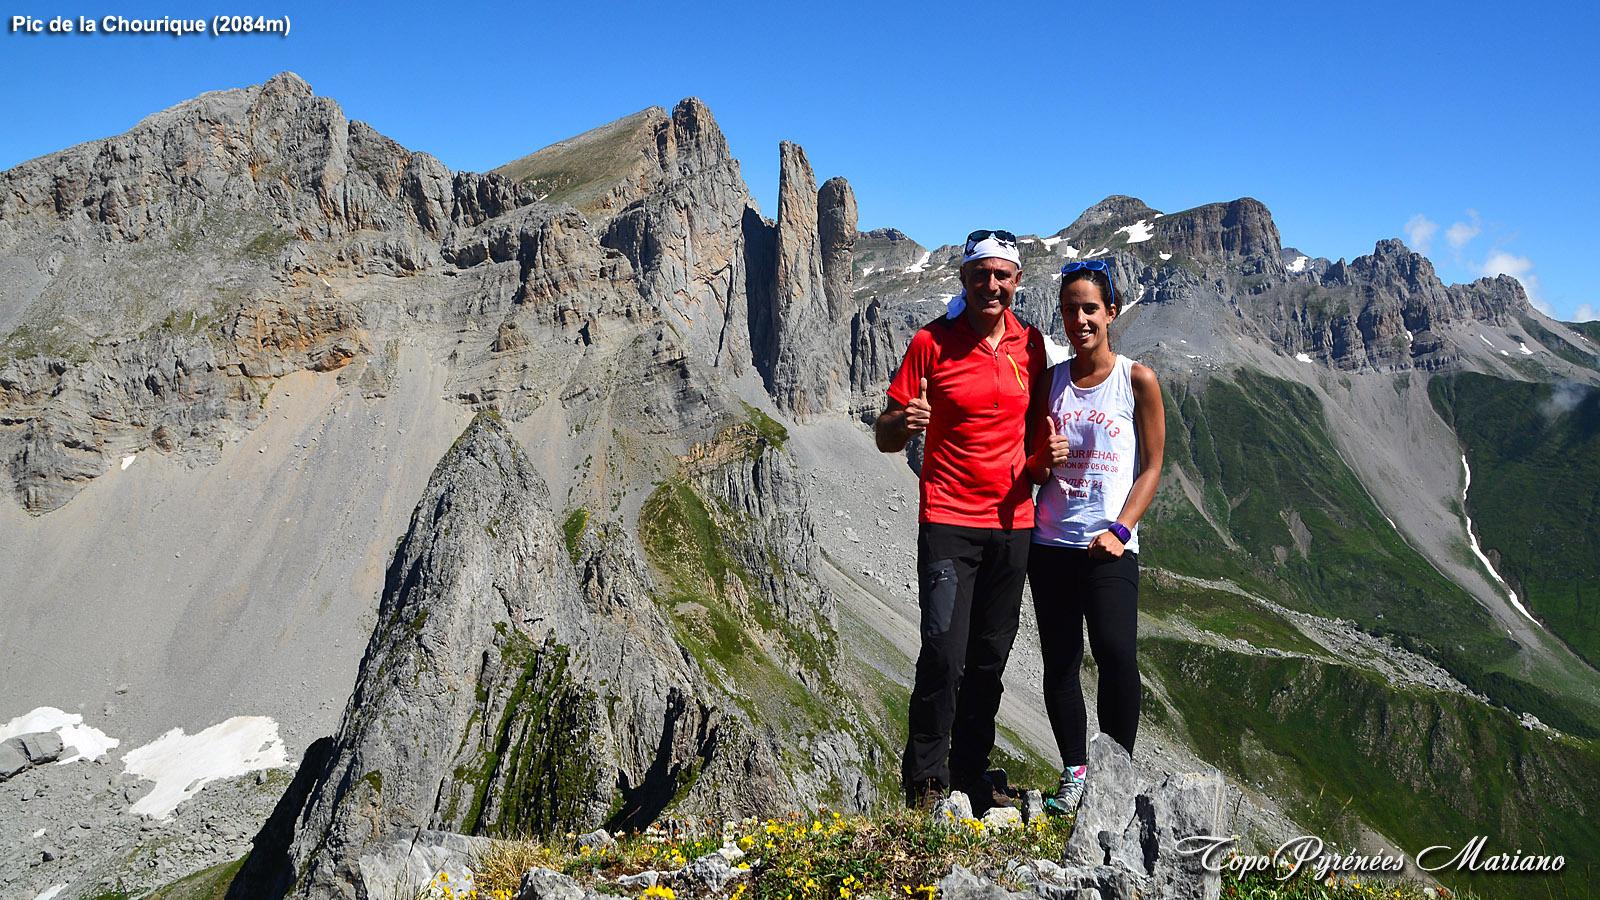 Randonnée Pic de la Chourique (2084m)